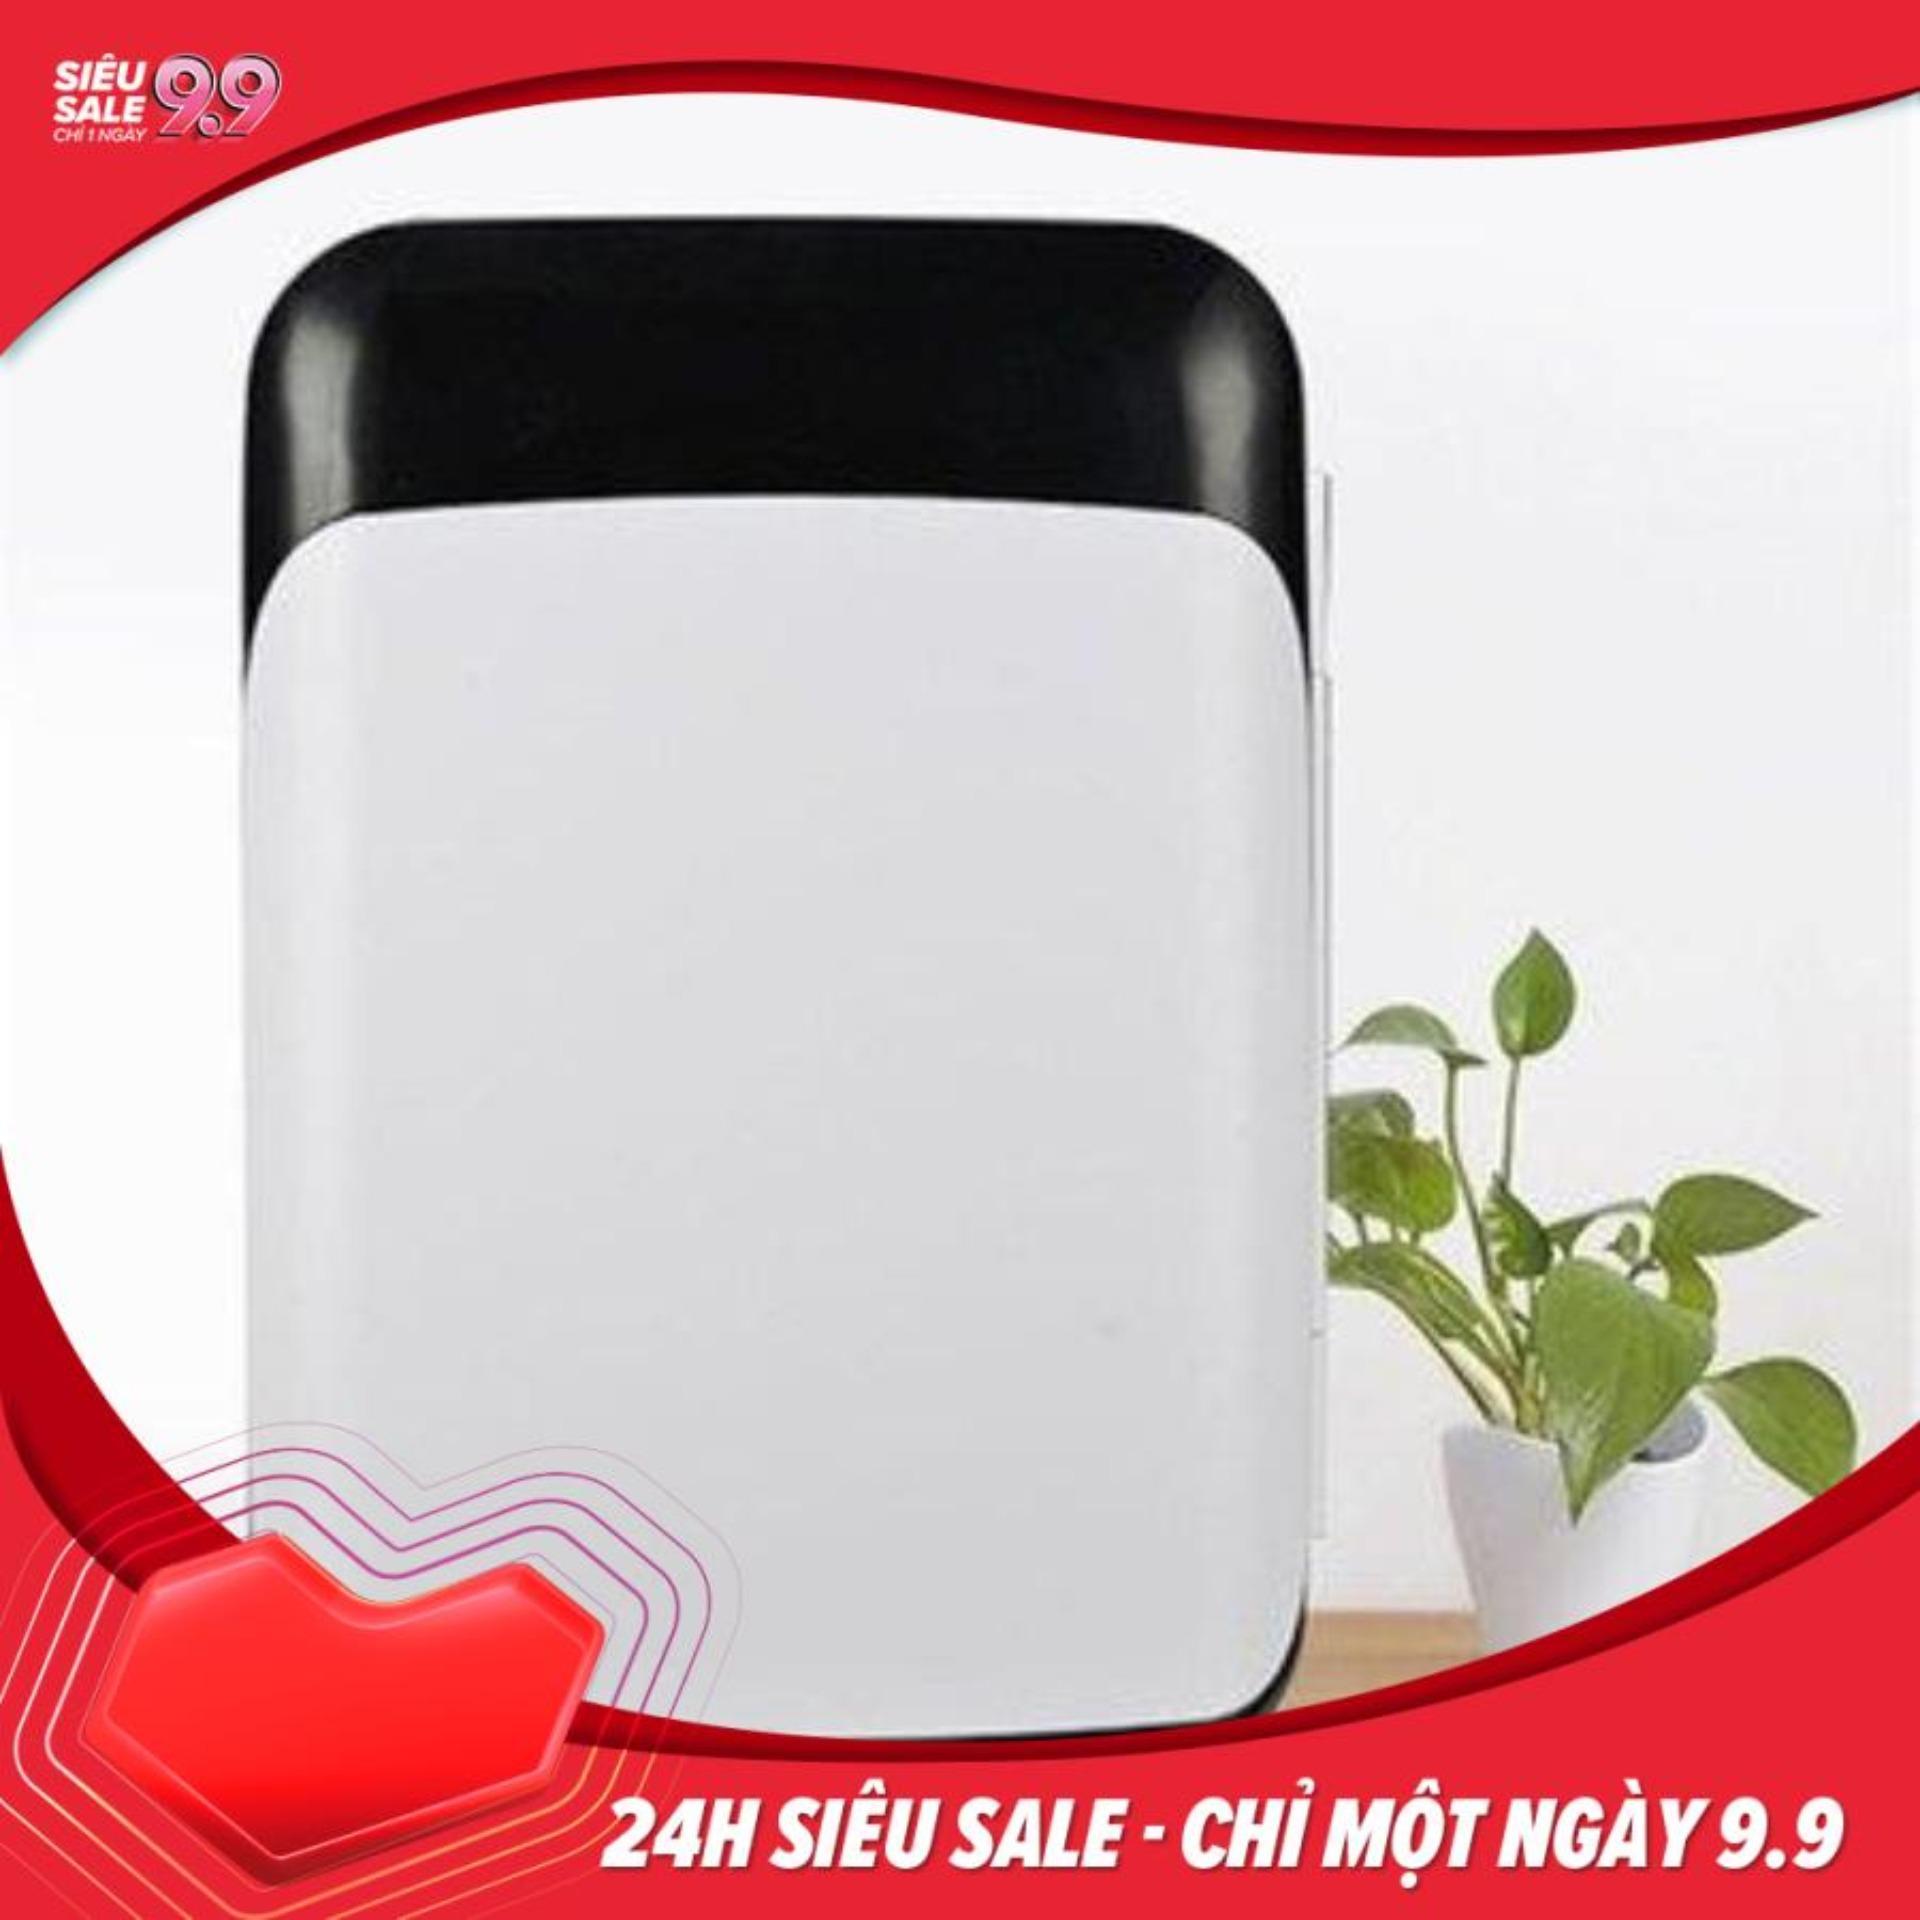 Bảng giá Tủ lạnh mini hộ gia đình và xe hơi Car Cooler YH-10L (Trắng) -Tủ lạnh, tủ mát mini 10L phù hợp hộ gia đình nhỏ, sinh viên Điện máy Pico